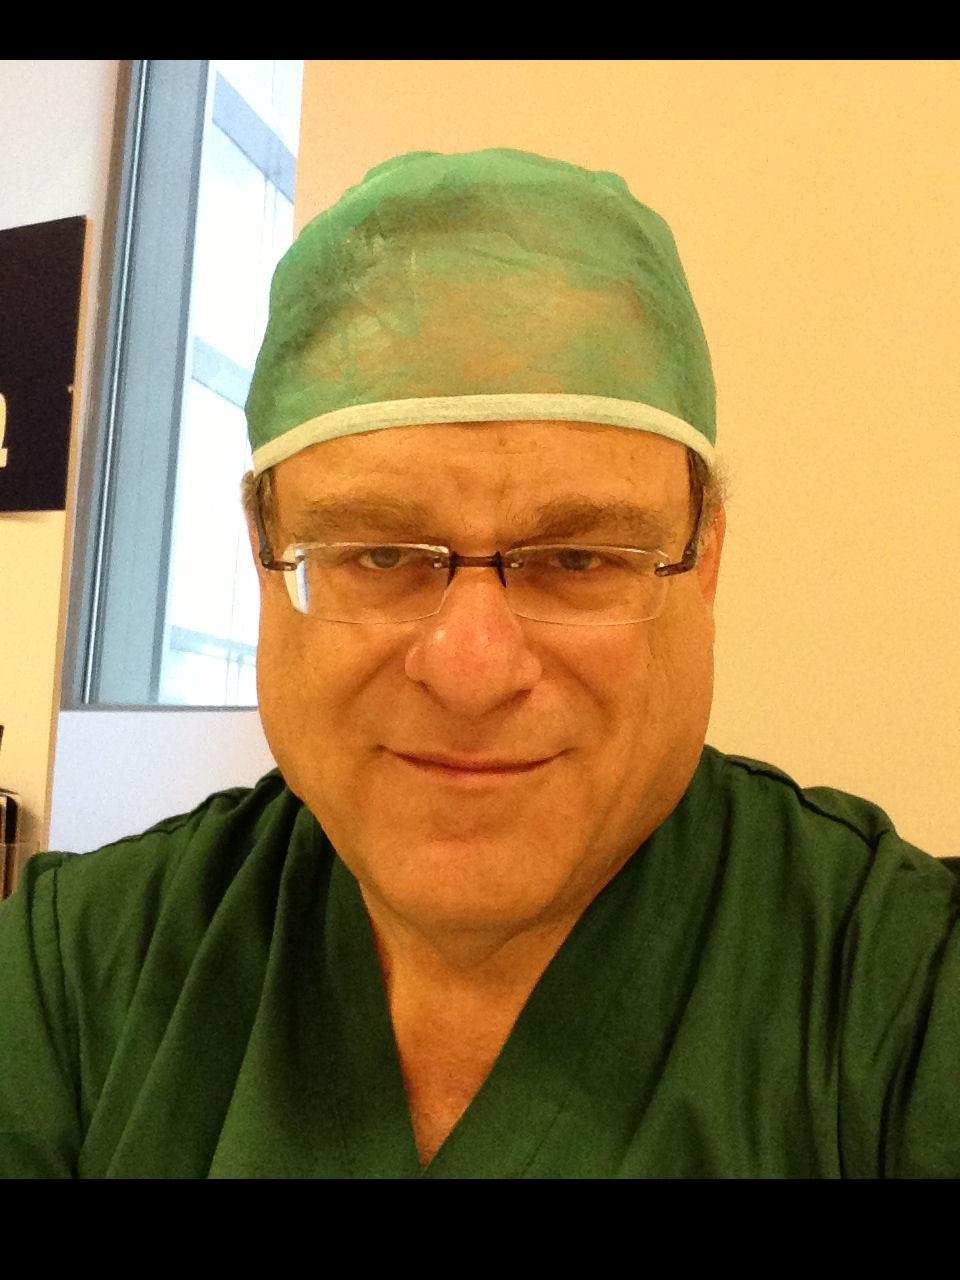 דוקטור רן פרידנטל - תמונת פרופיל